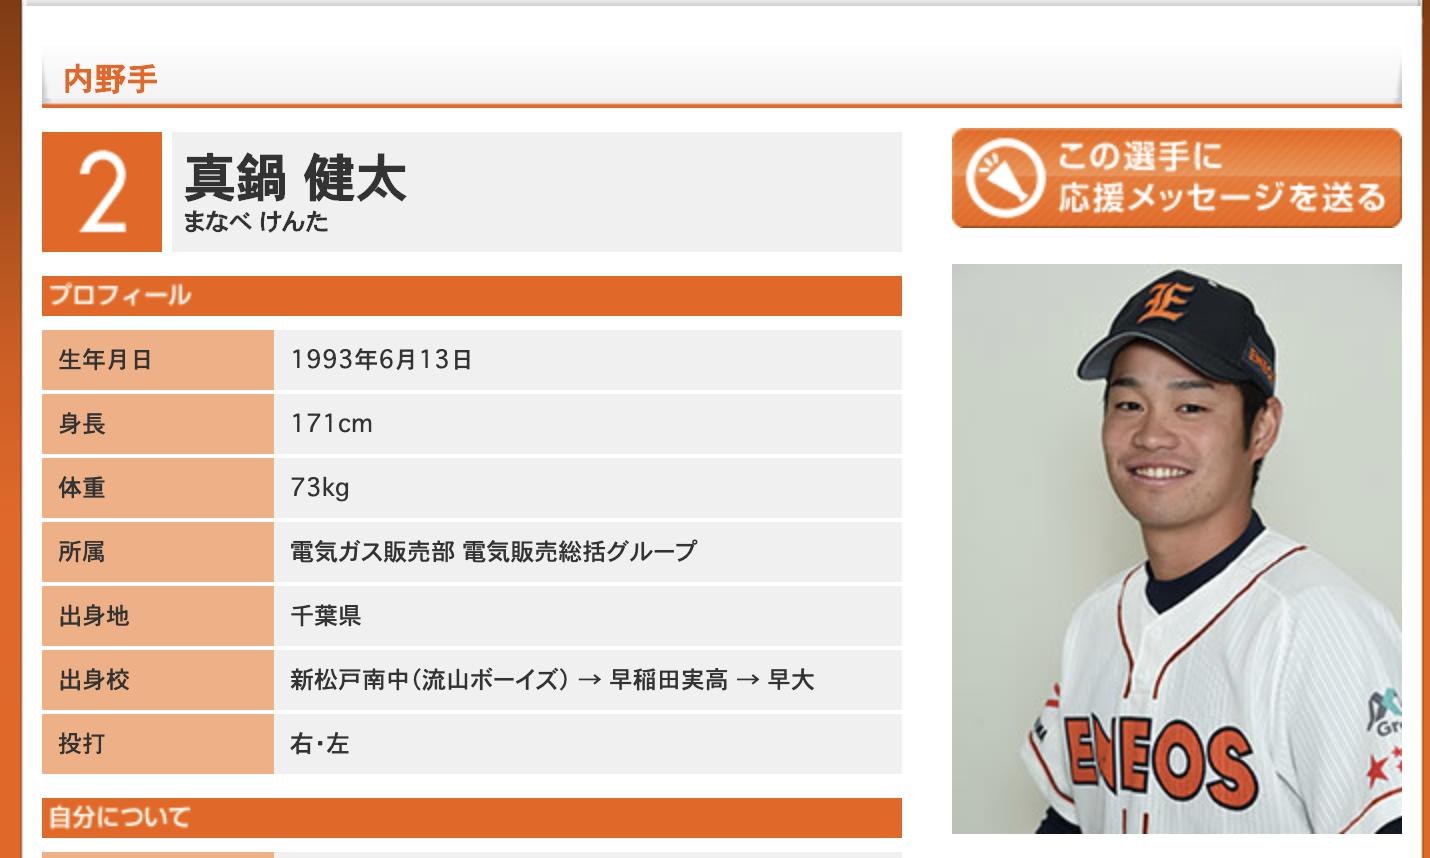 樋口裕士、真鍋健太の「刑務所からの手紙」スポーツ選手